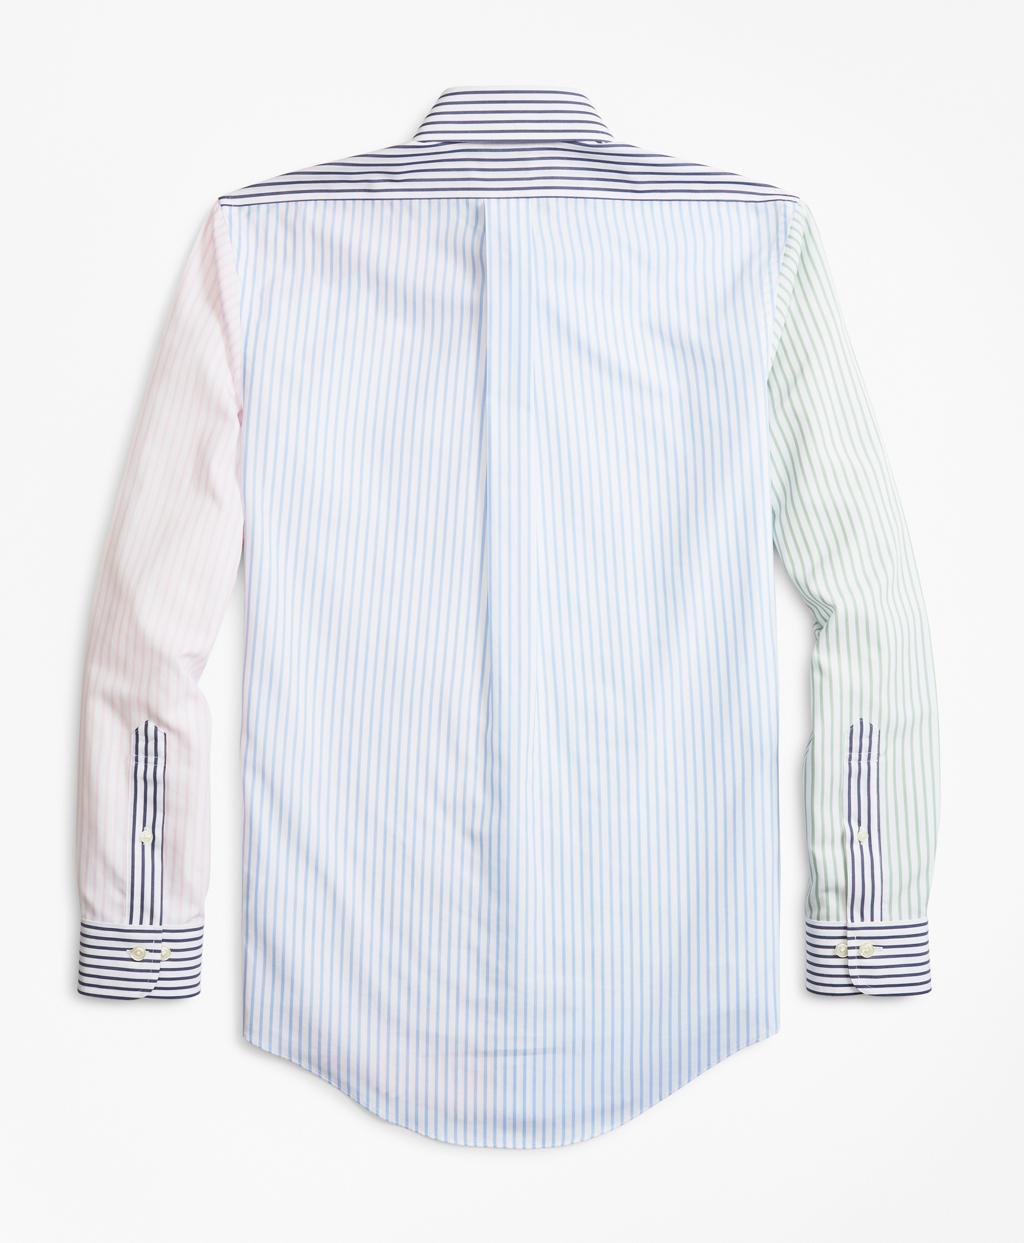 267ebc13d5 Polo Ralph Lauren Dress Shirt 80s English Poplin Regent – EDGE ...